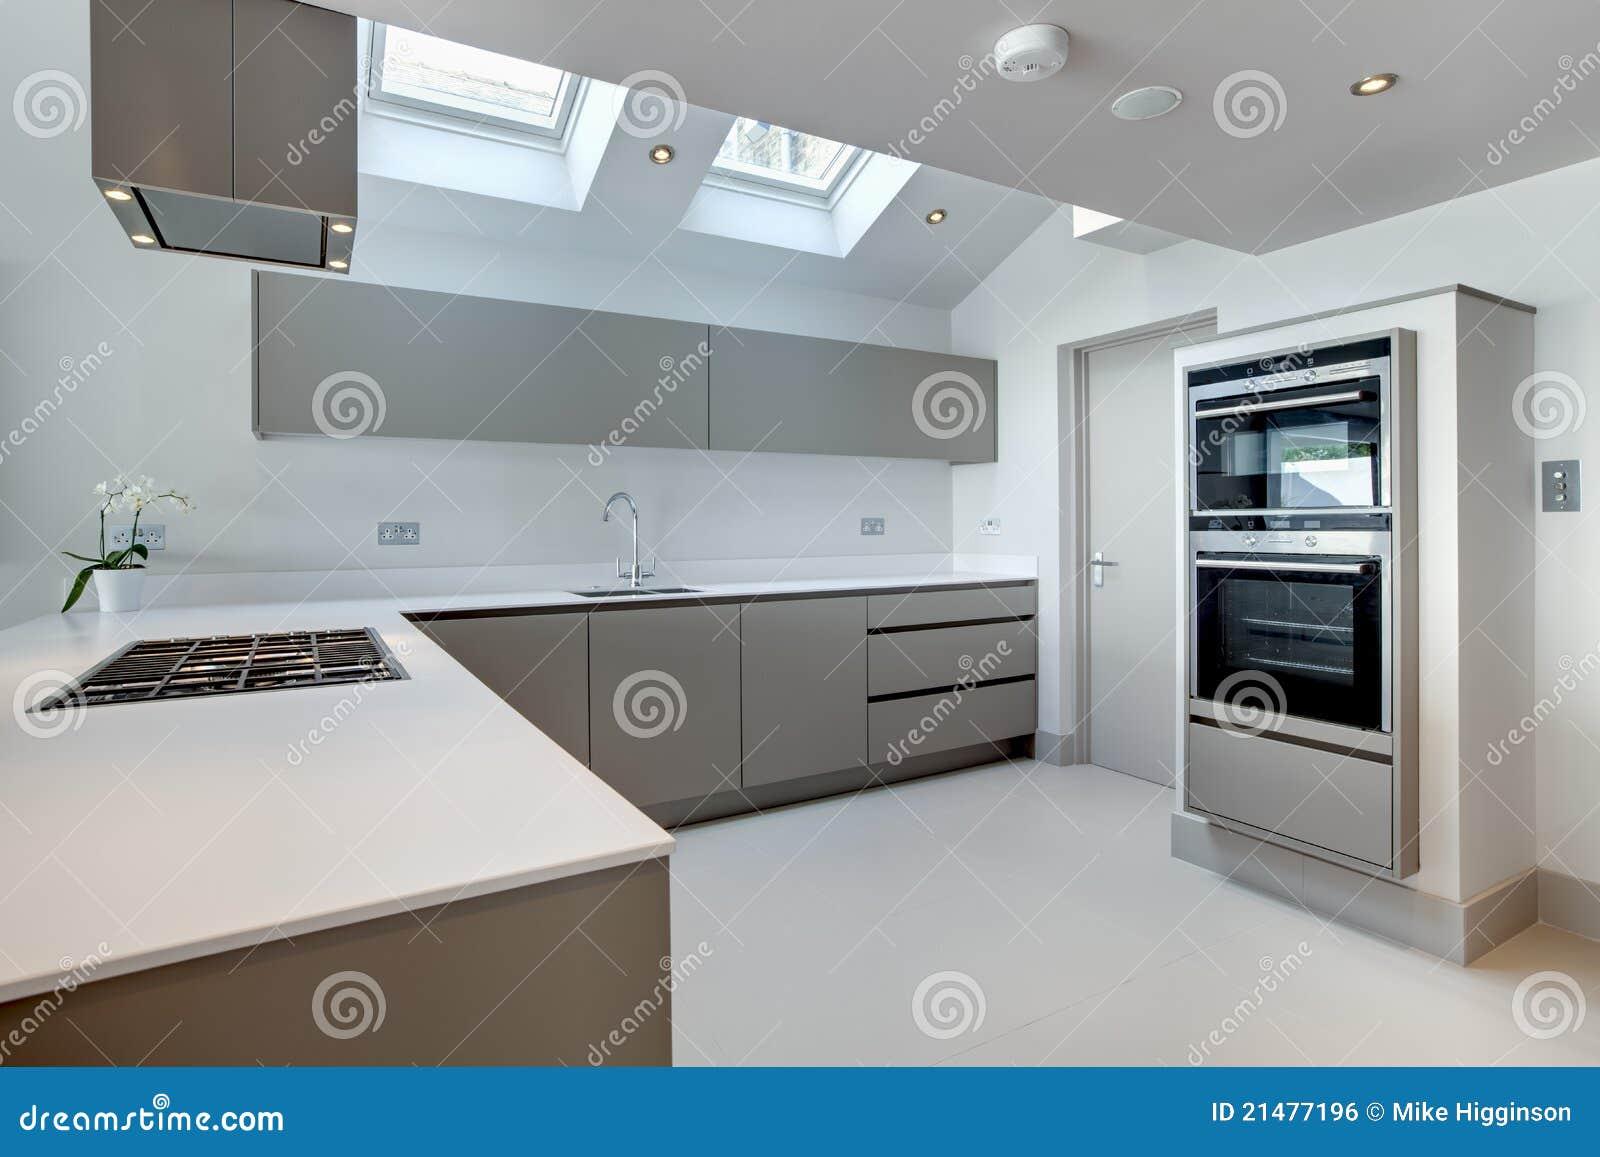 Cozinha Moderna Contemporânea Imagem de Stock Royalty Free Imagem  #82A229 1300 957